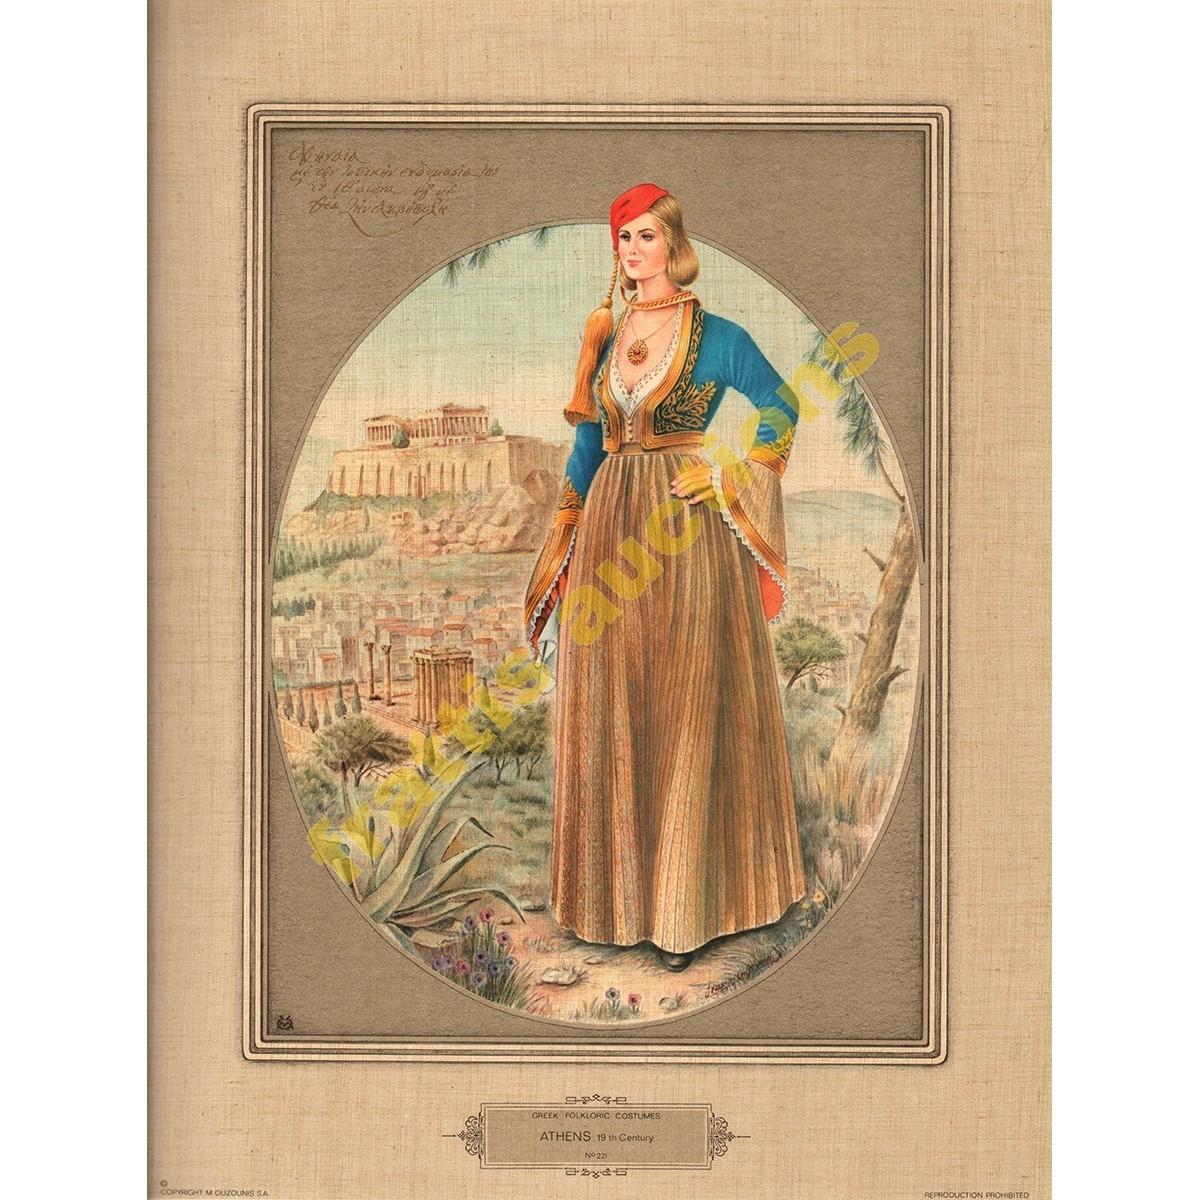 ΑΤΤΙΚΗ Αφίσα Γυναίκας με Παραδοσιακή Φορεσιά Αθηνών,19ου αι.